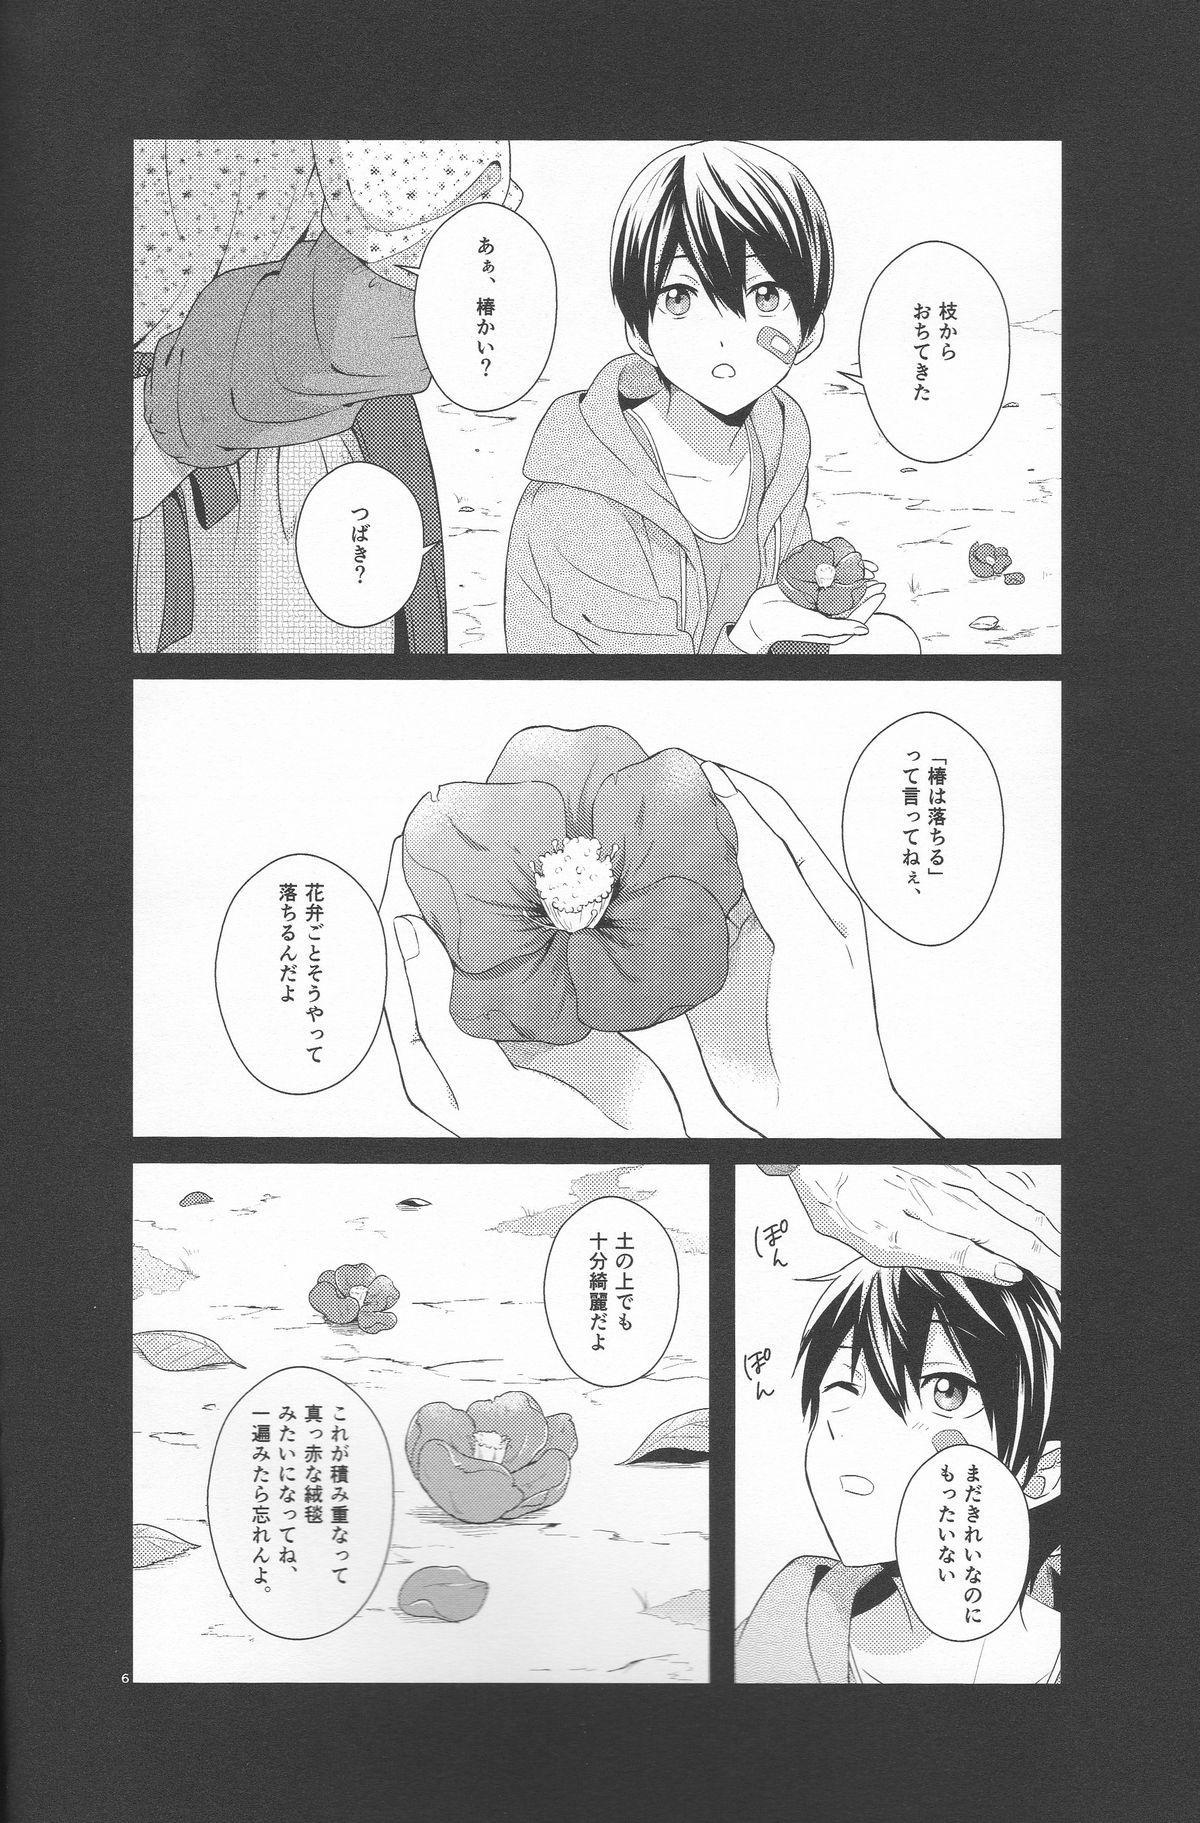 Kimi wa Shiranai - You never Know 4